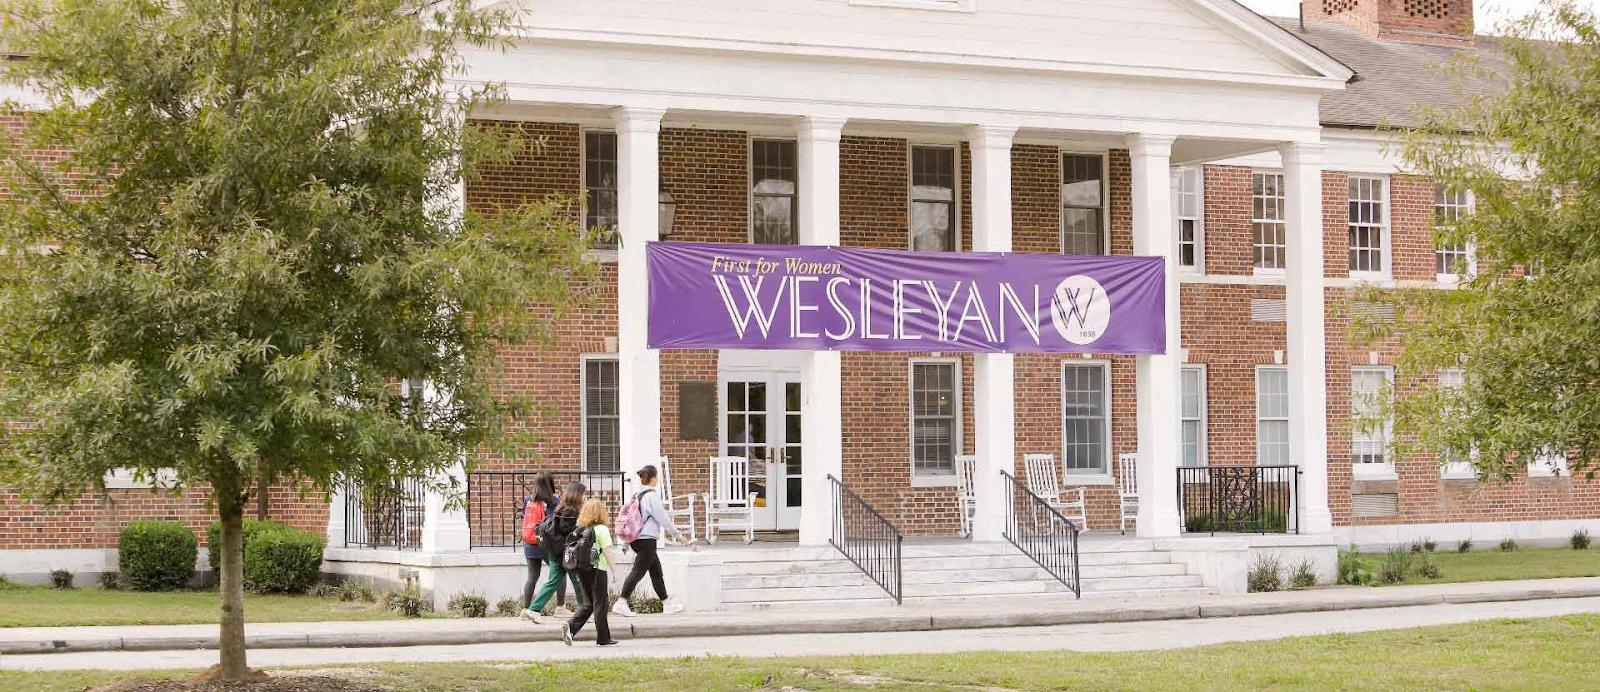 wesleyan college building